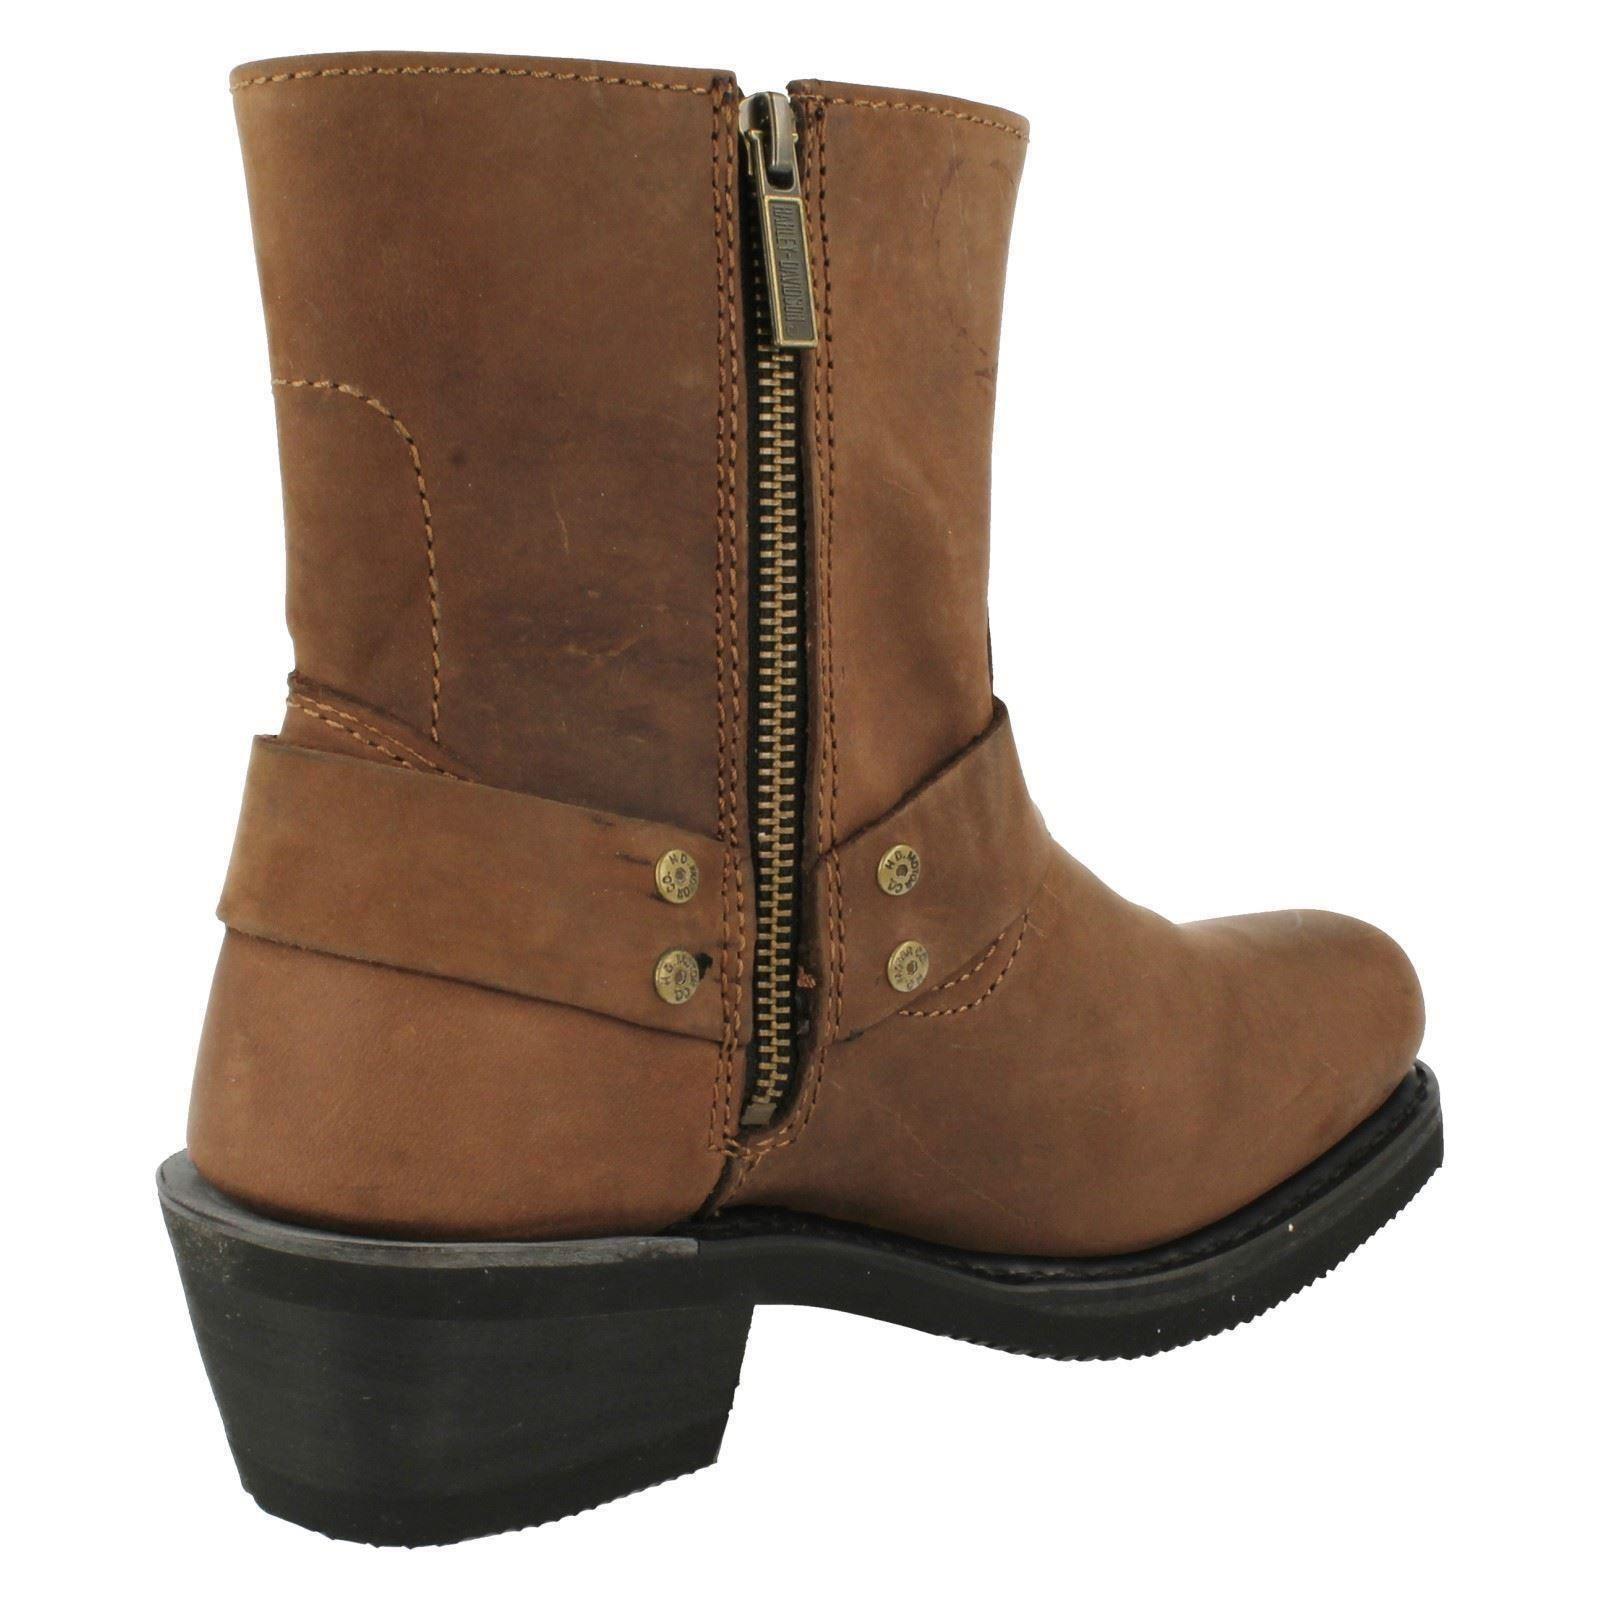 73e181fc6d0fb6 Ladies-Harley-Davidson-Ankle-Boots-039-El-Paso-